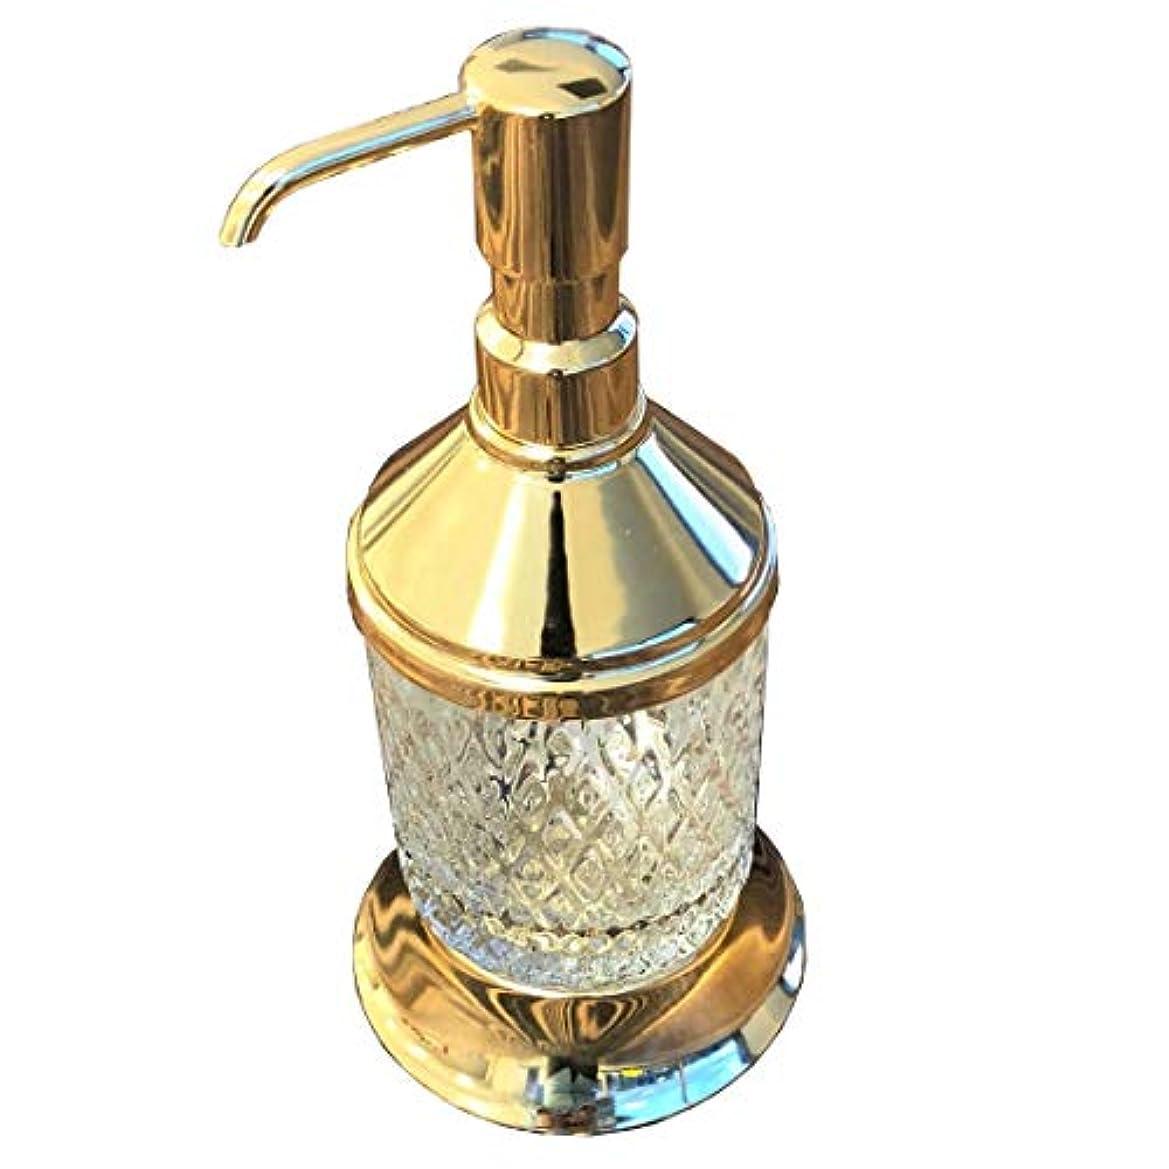 ラグジュアリー真鍮Liquid Hand Soapまたはローションdispenser-goldバスルームdecor-brassバスルームアクセサリー